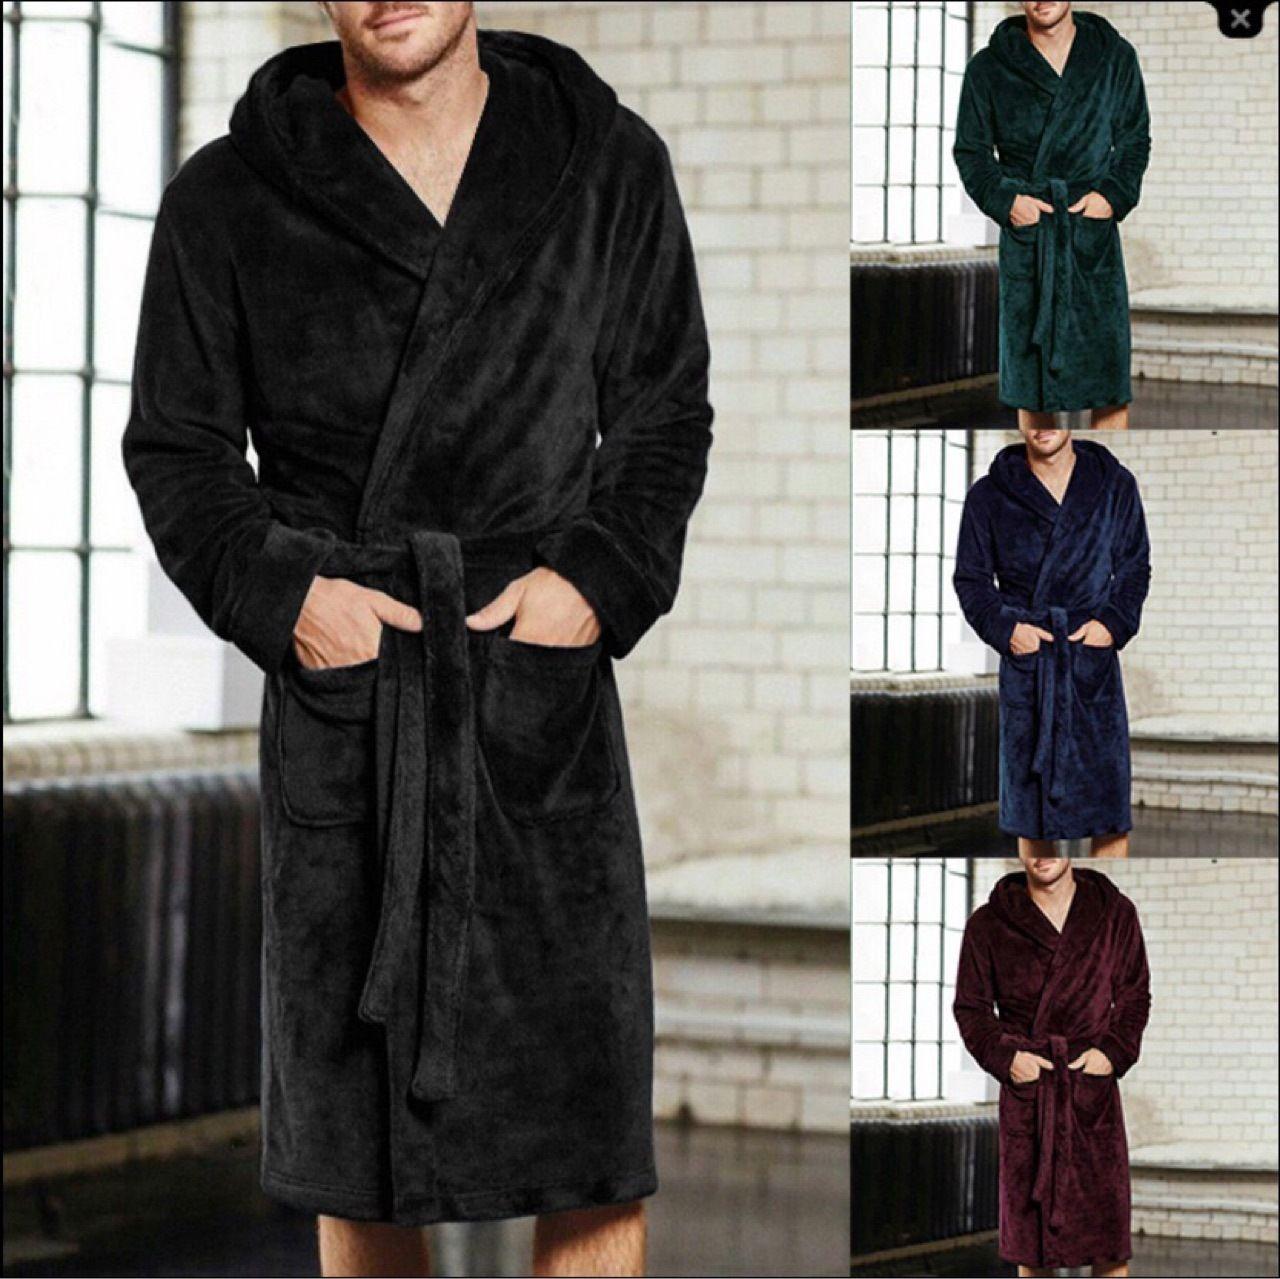 Hommes Super Soft Soft Porte-serviettes Purable Fleece Longue Bain Robe Hommes Mode Peigneur de peignoir Mâle Robe de robe Robe Porte-serviette portable LLS142